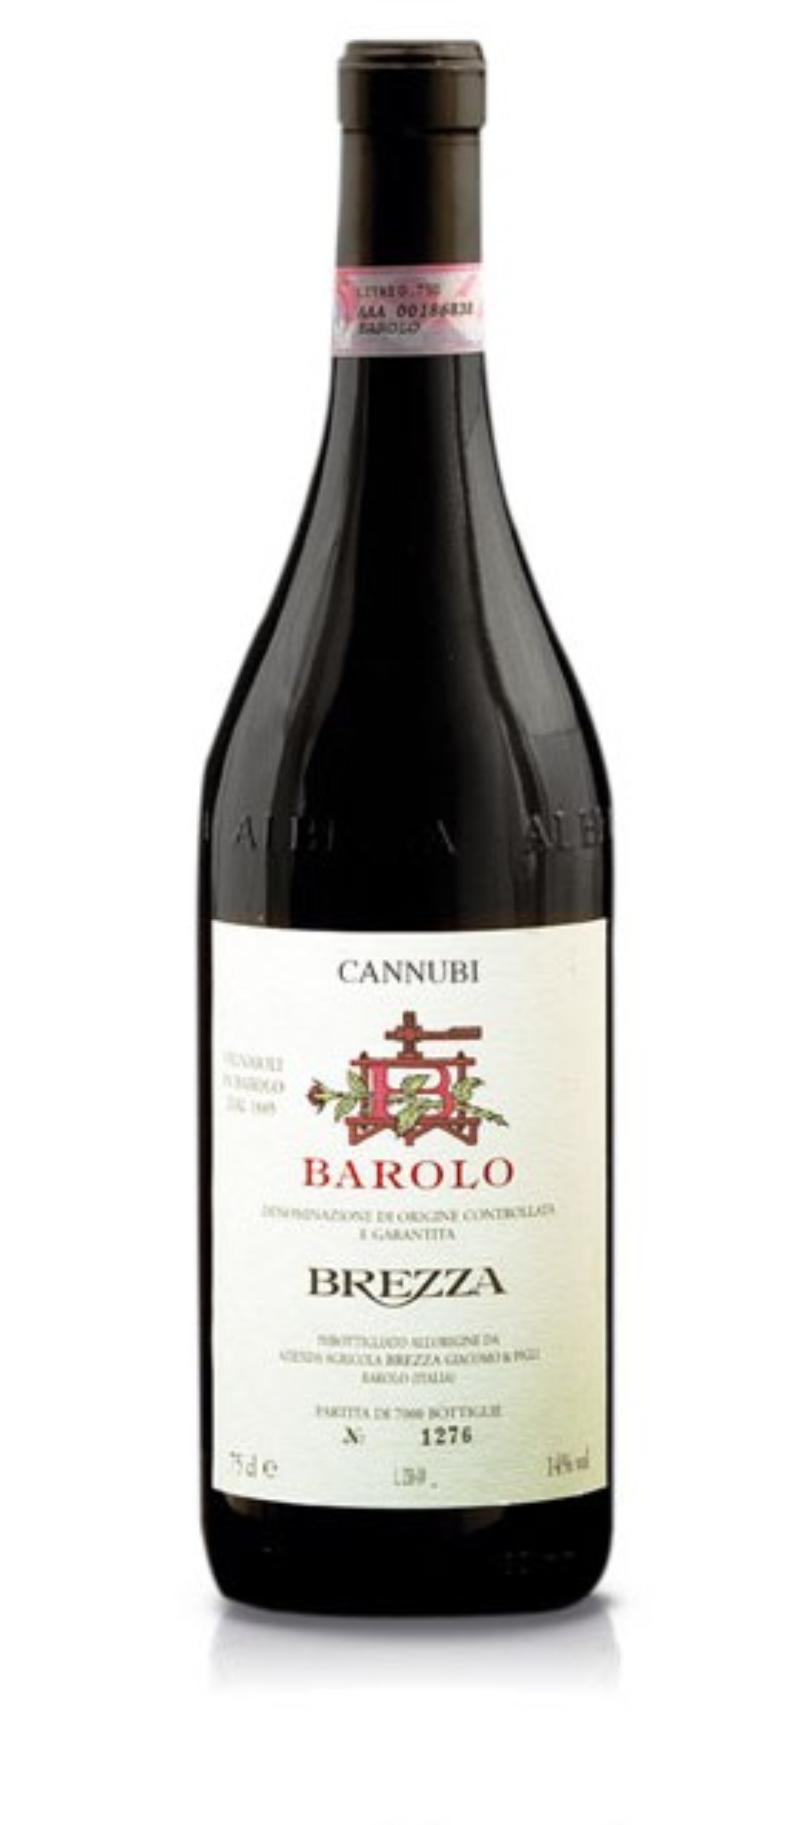 BAROLO-CANNUBI-BREZZA-2007-0.75